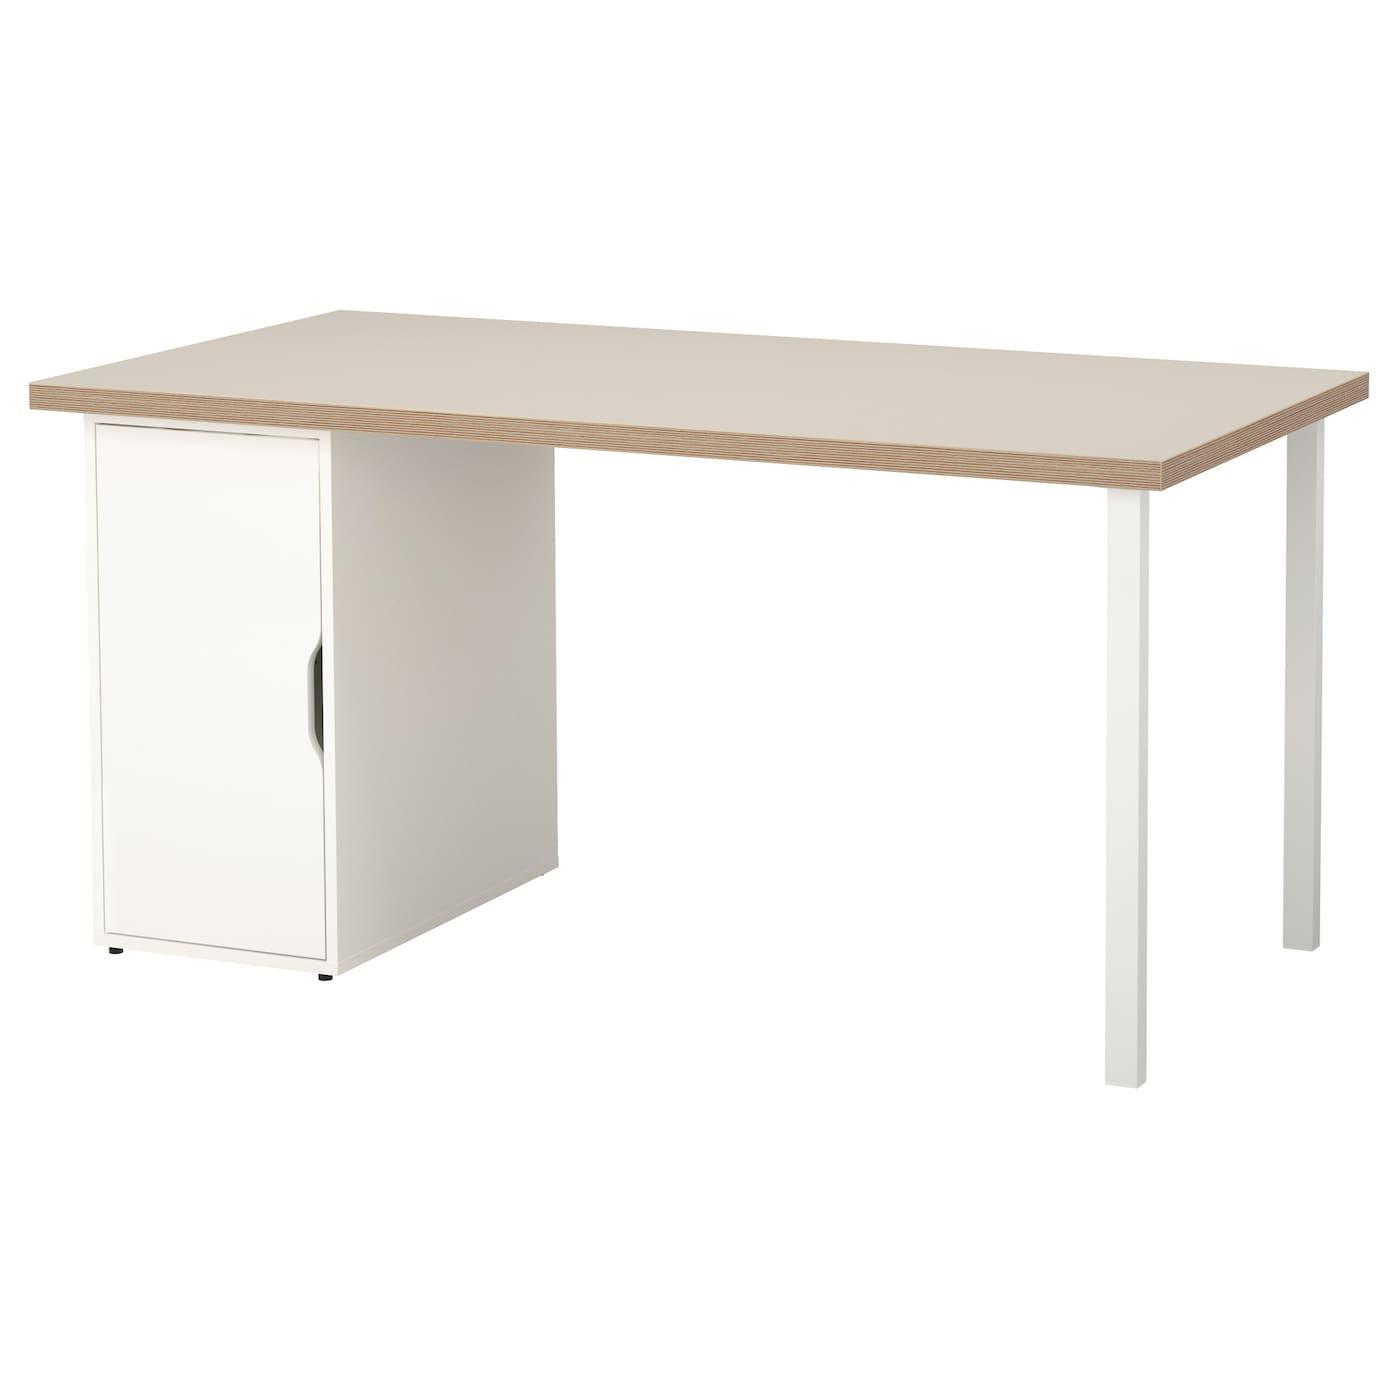 IKEA LINNMON / ALEX Stół, beżowy, biały, 150x75 cm